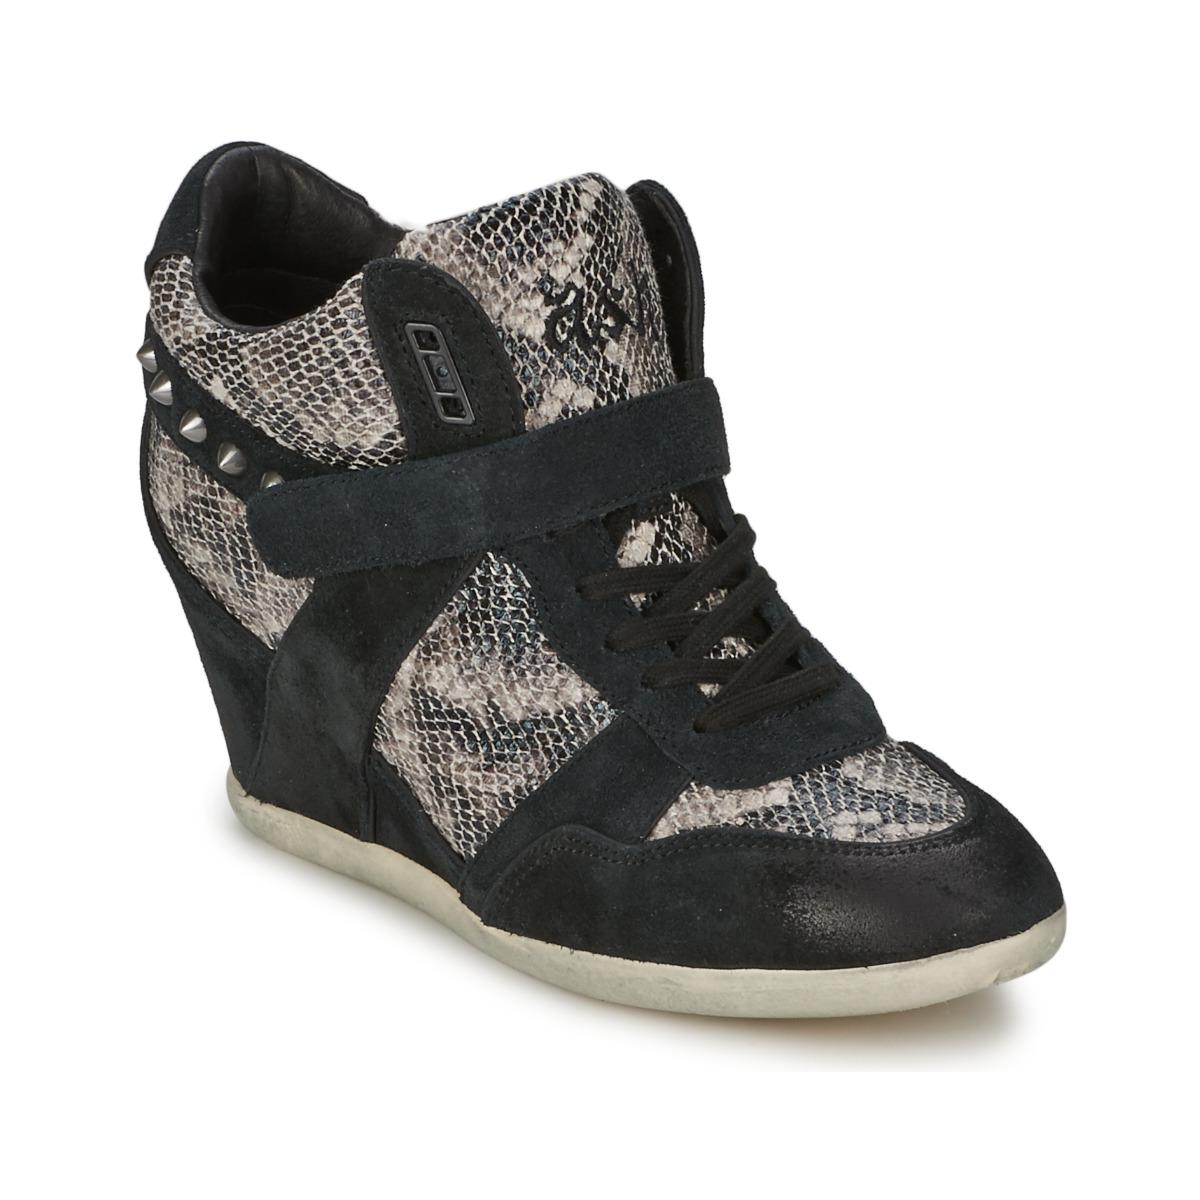 Ash BISOU Schwarz - Kostenloser Versand bei Spartoode ! - Schuhe Sneaker High Damen 99,50 €